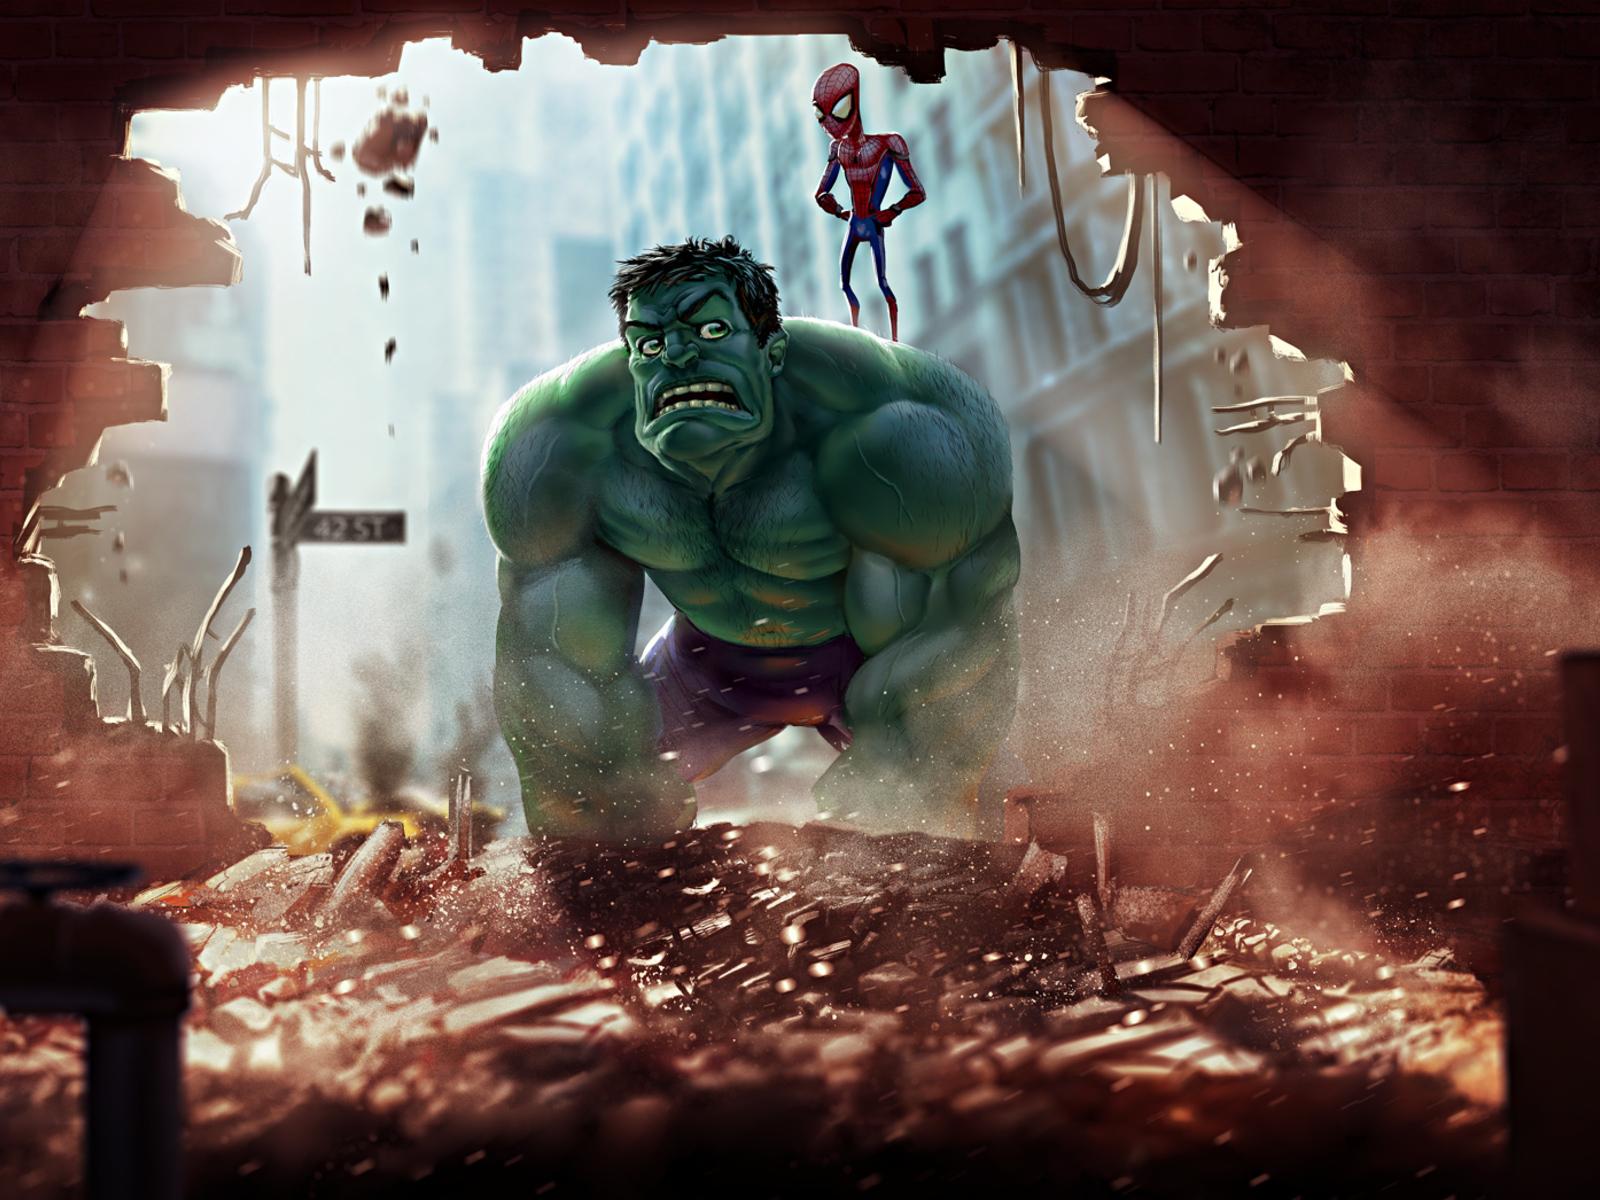 hulk-and-spider-man-zq.jpg